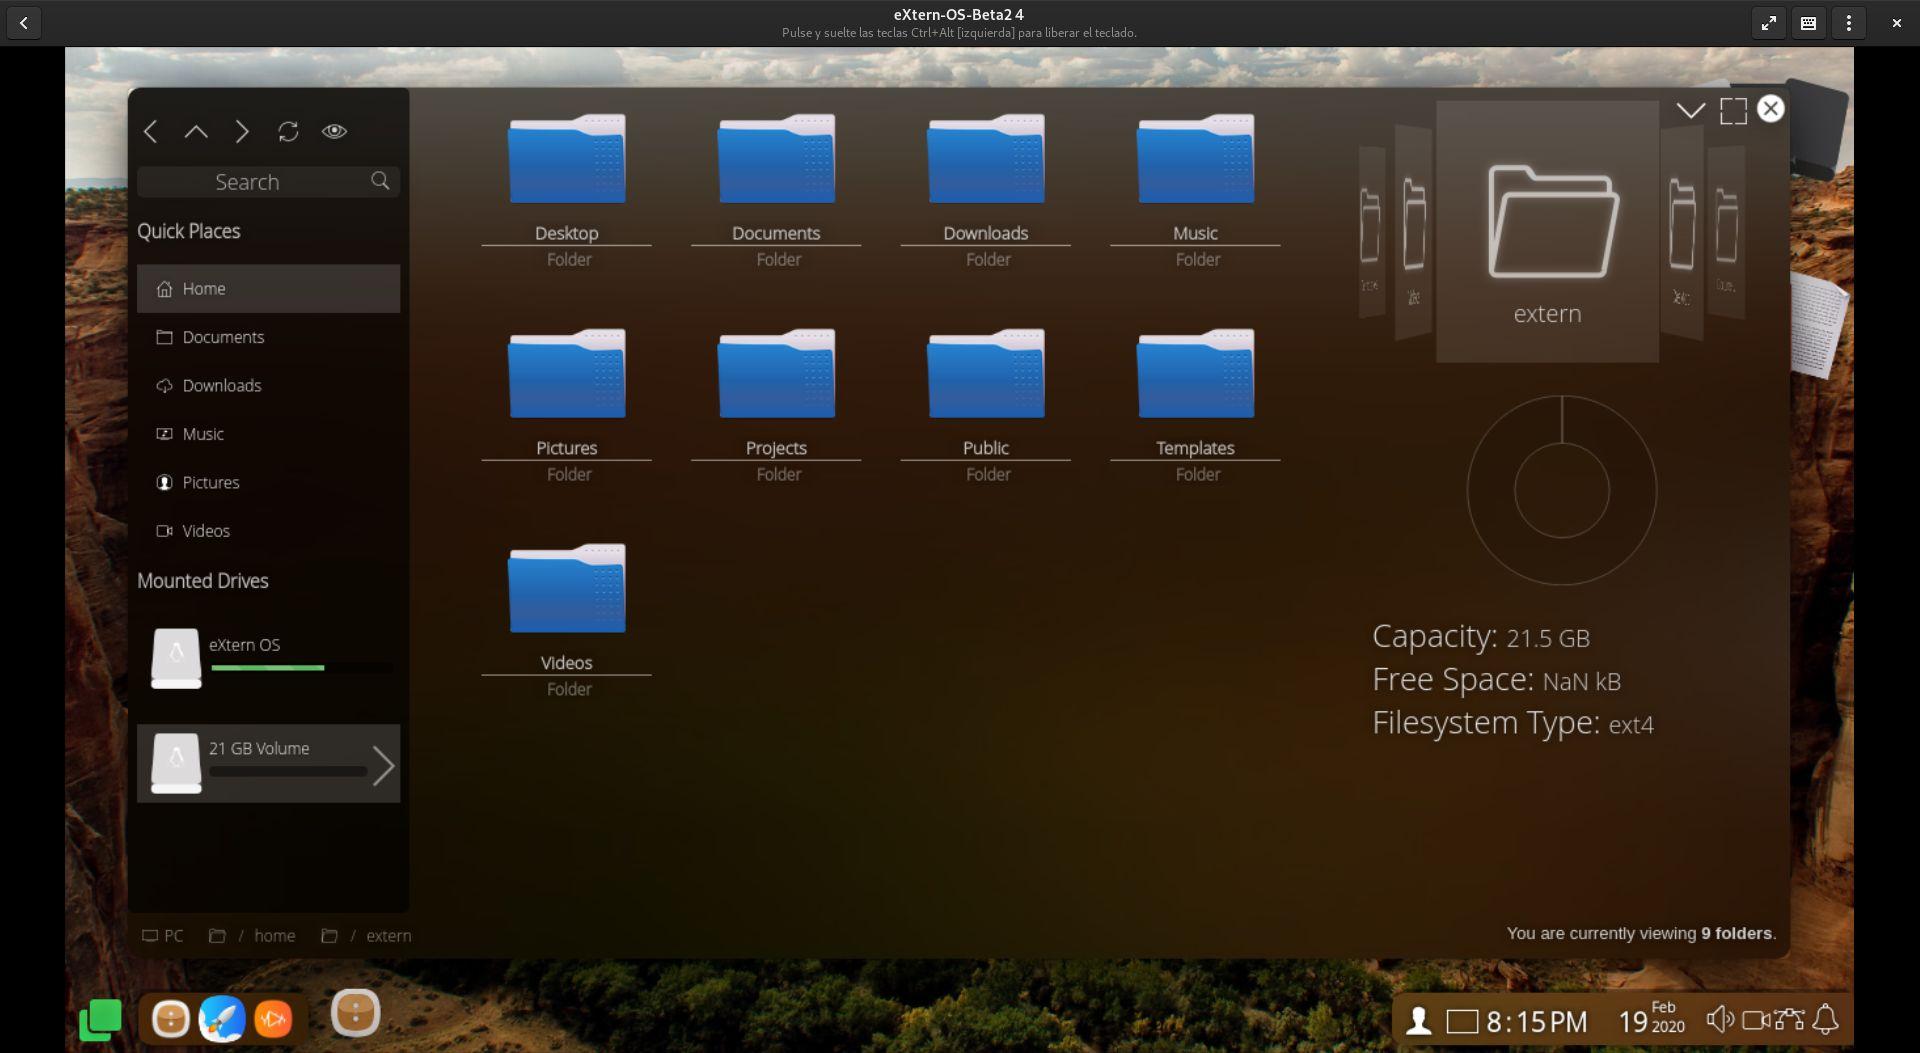 explorador de archivos de eXtern OS